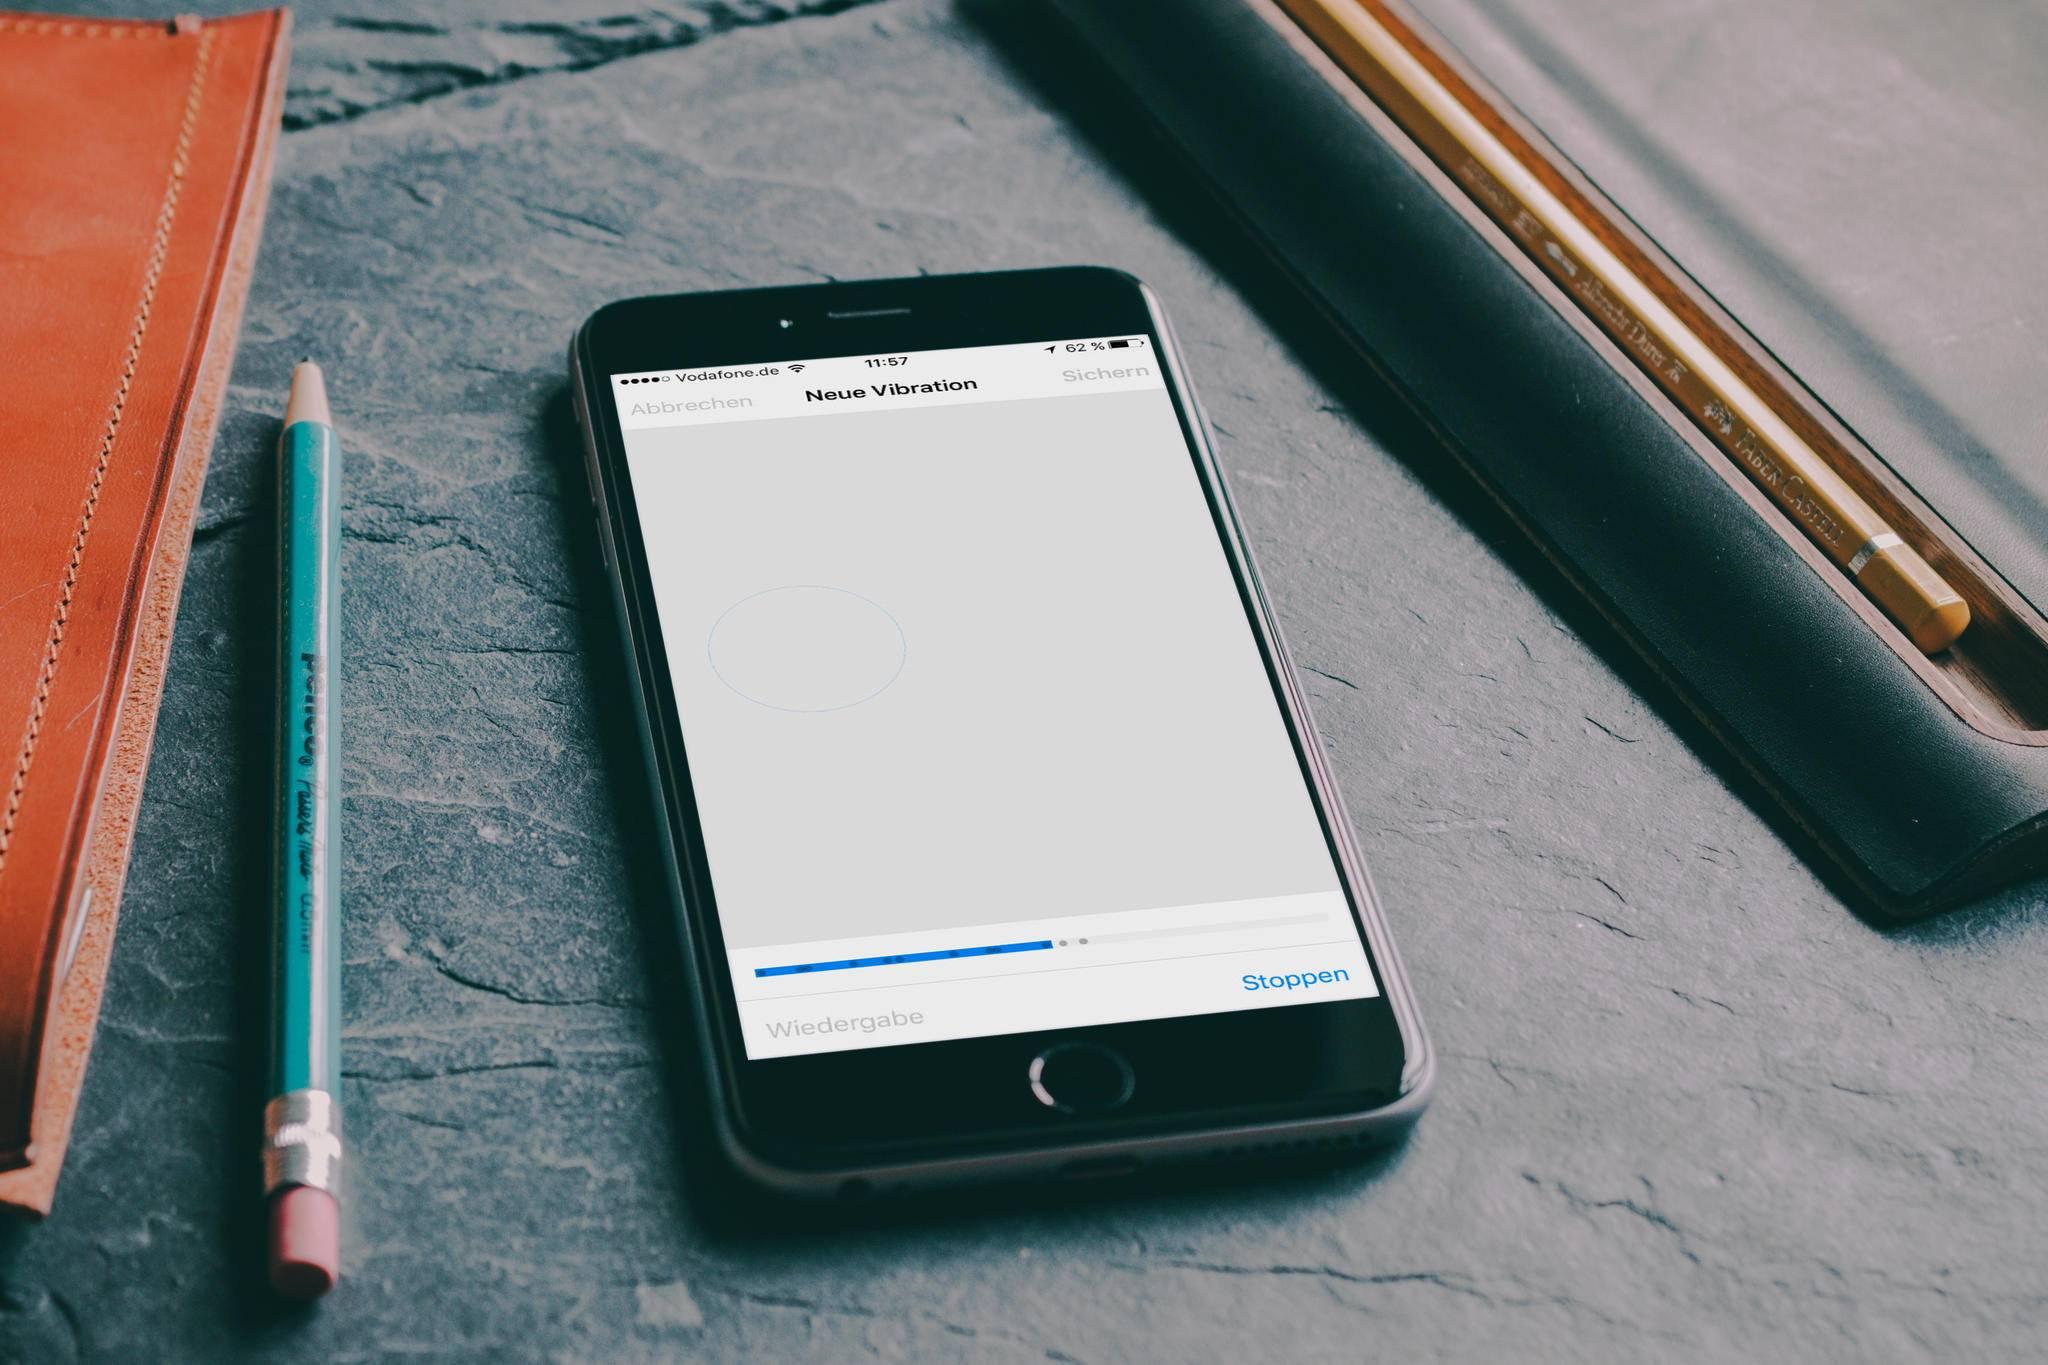 Dein iPhone vibriert nicht mehr? Dann gibt es mehrere Lösungsvarianten.